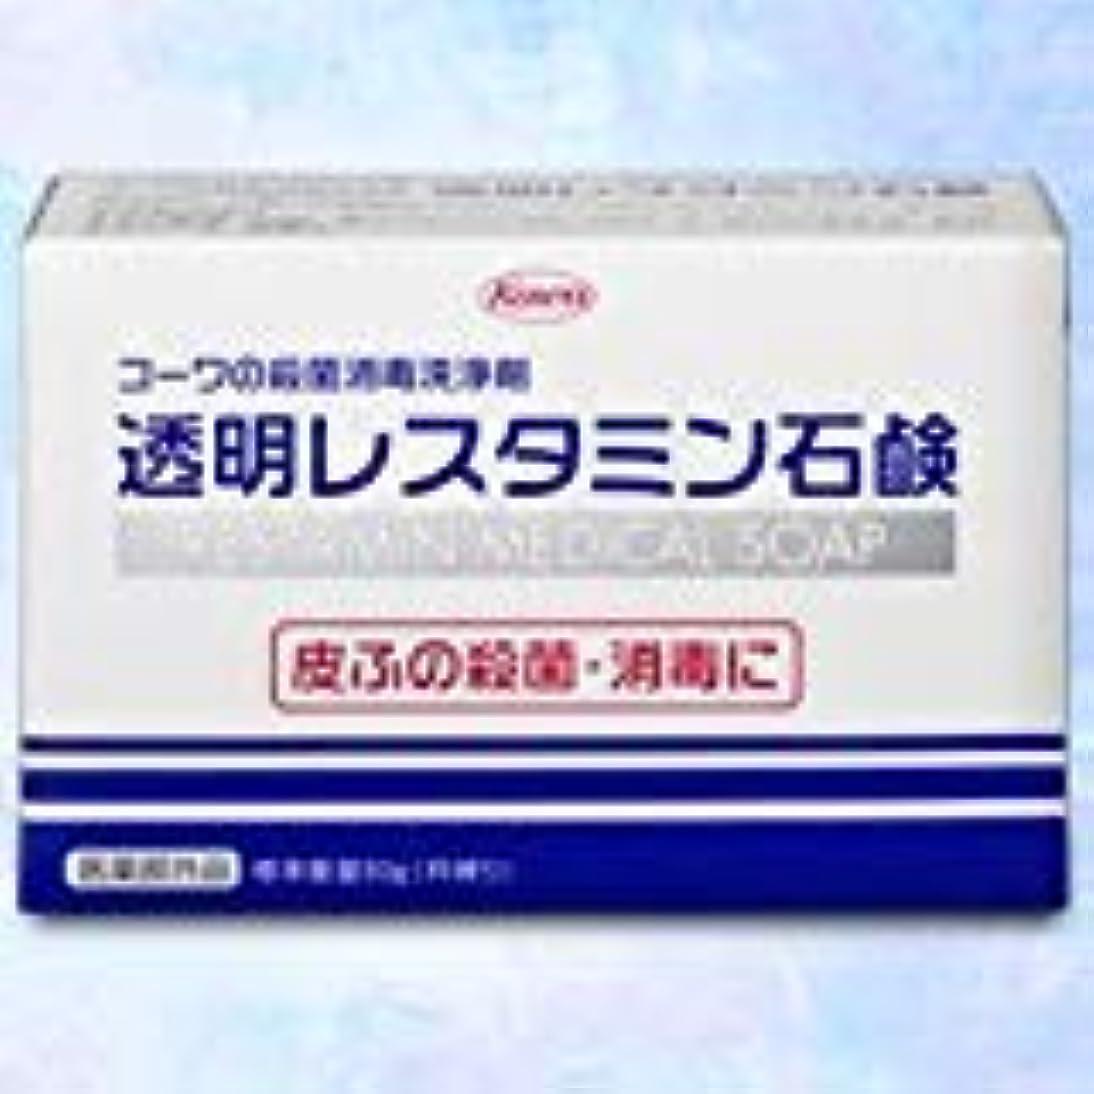 ウィンク奴隷甘くする【興和】コーワの殺菌消毒洗浄剤「透明レスタミン石鹸」80g(医薬部外品) ×5個セット